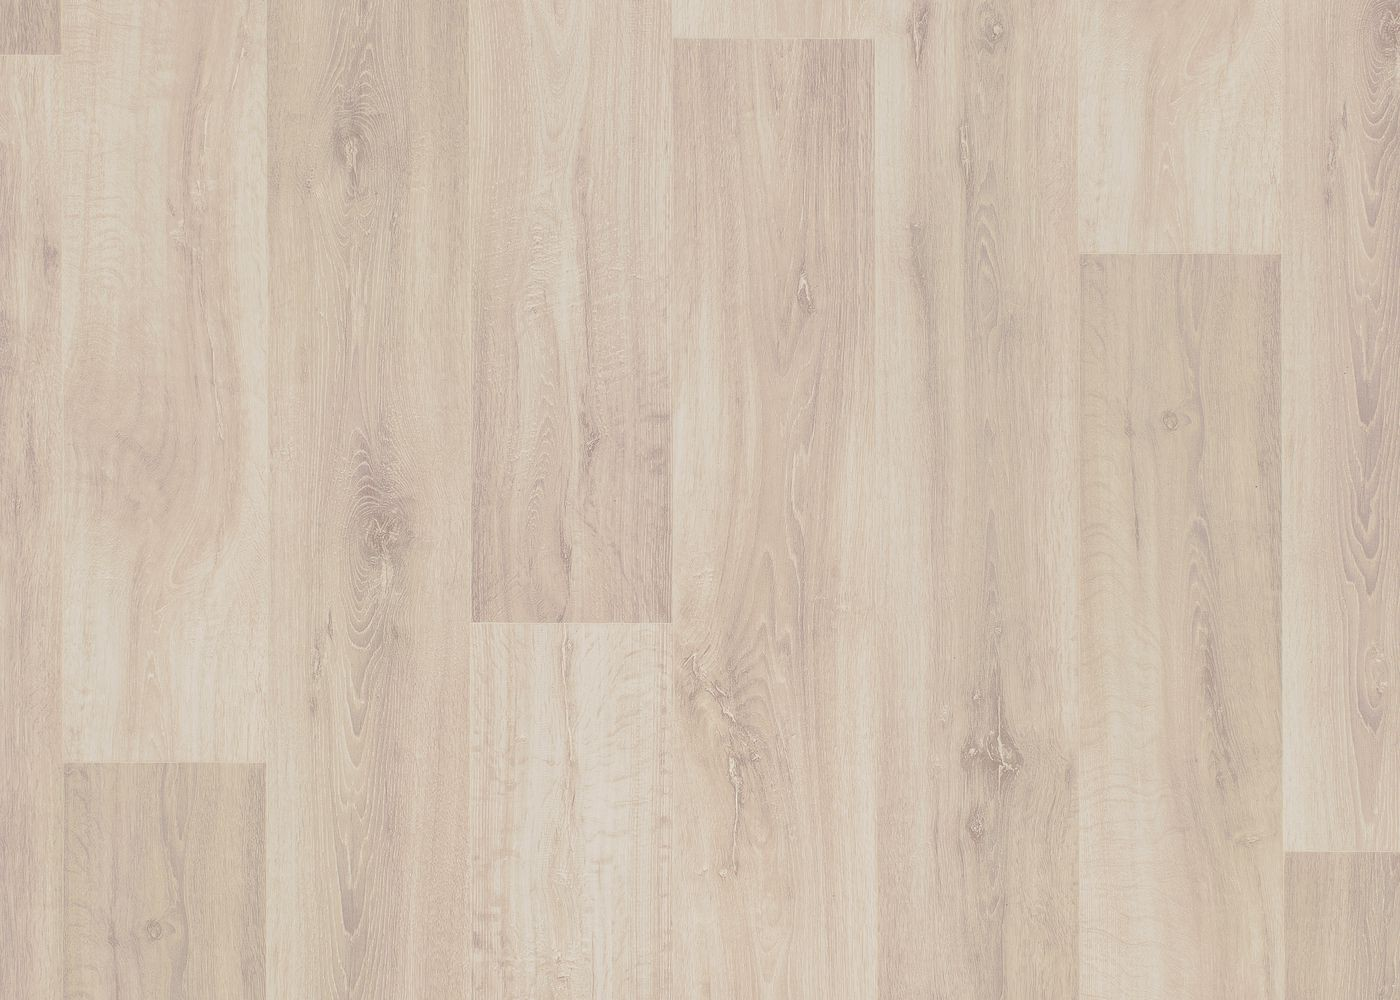 Lames vinyles passage residentiel clipsable 40 monolame g4 décor Chêne lime 139s - couche d'usure 0,4mm Passage résidentiel